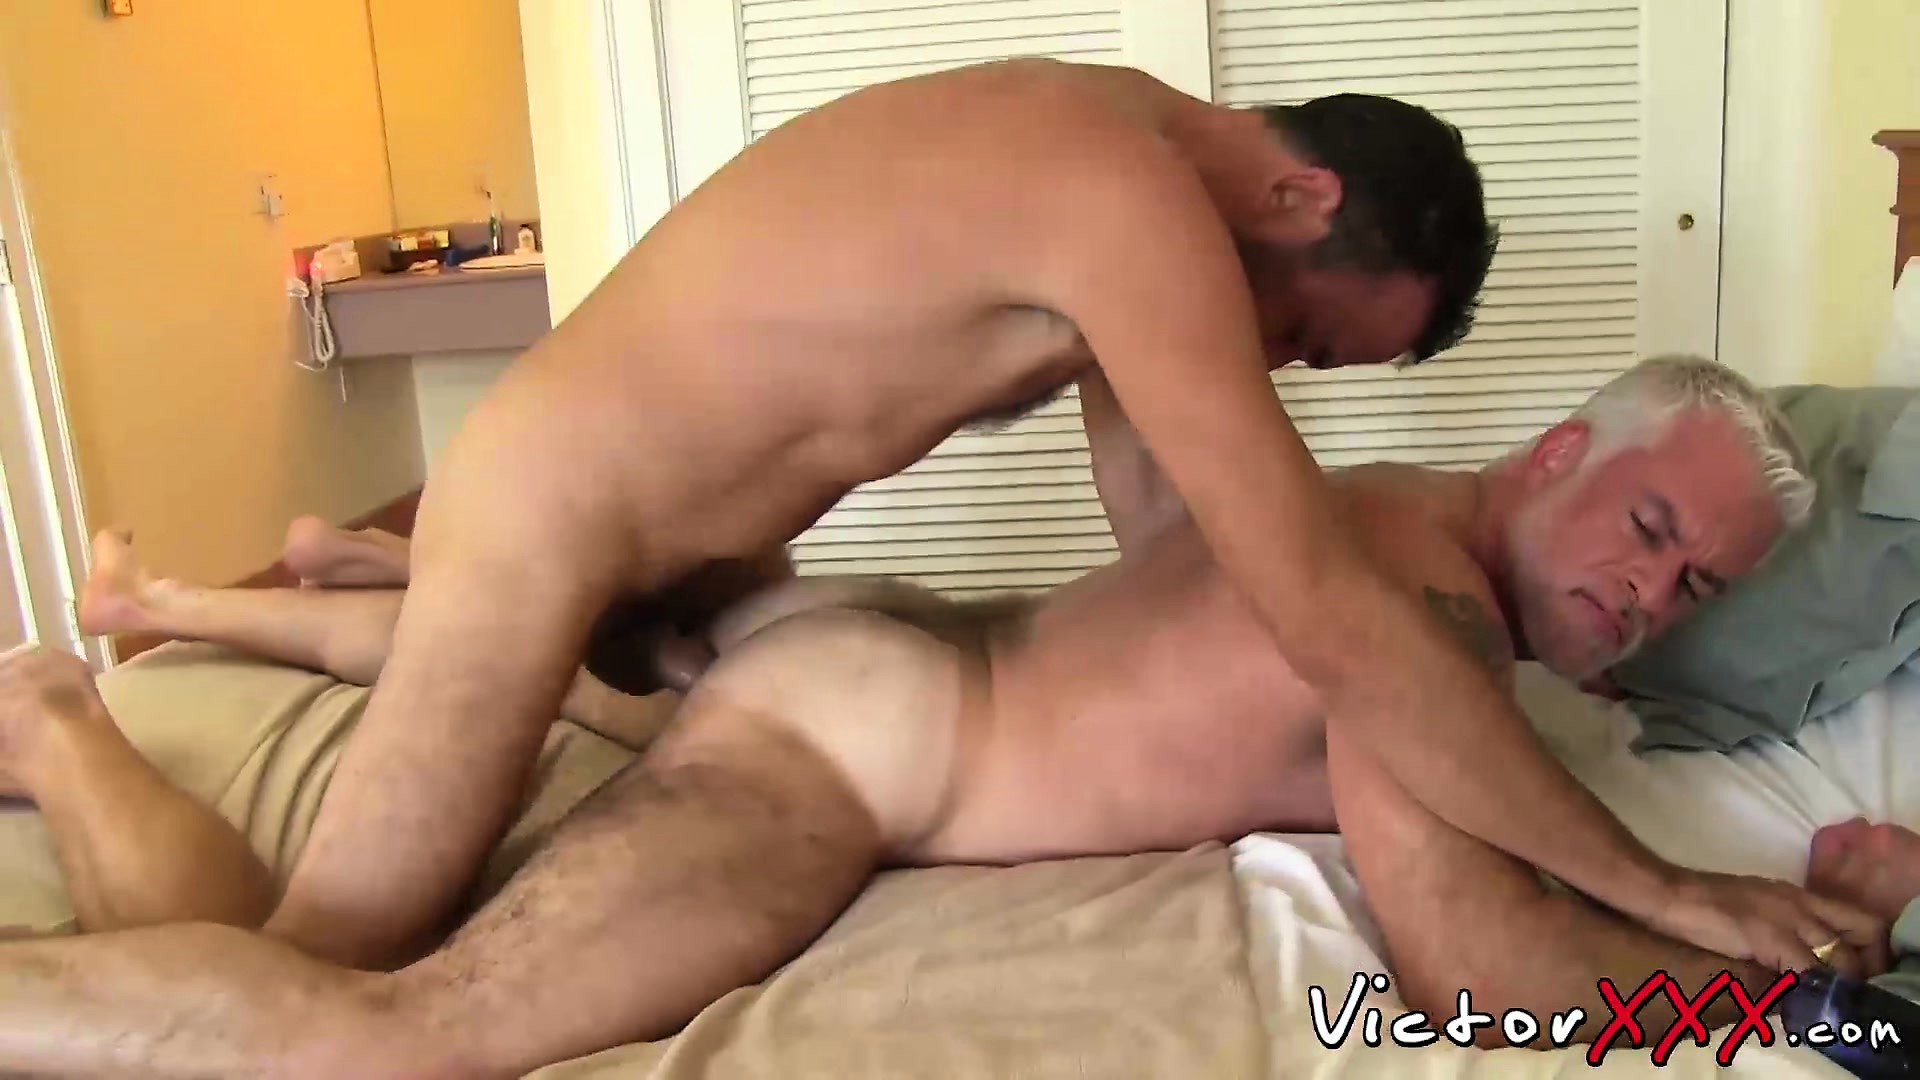 Free naked older men movies